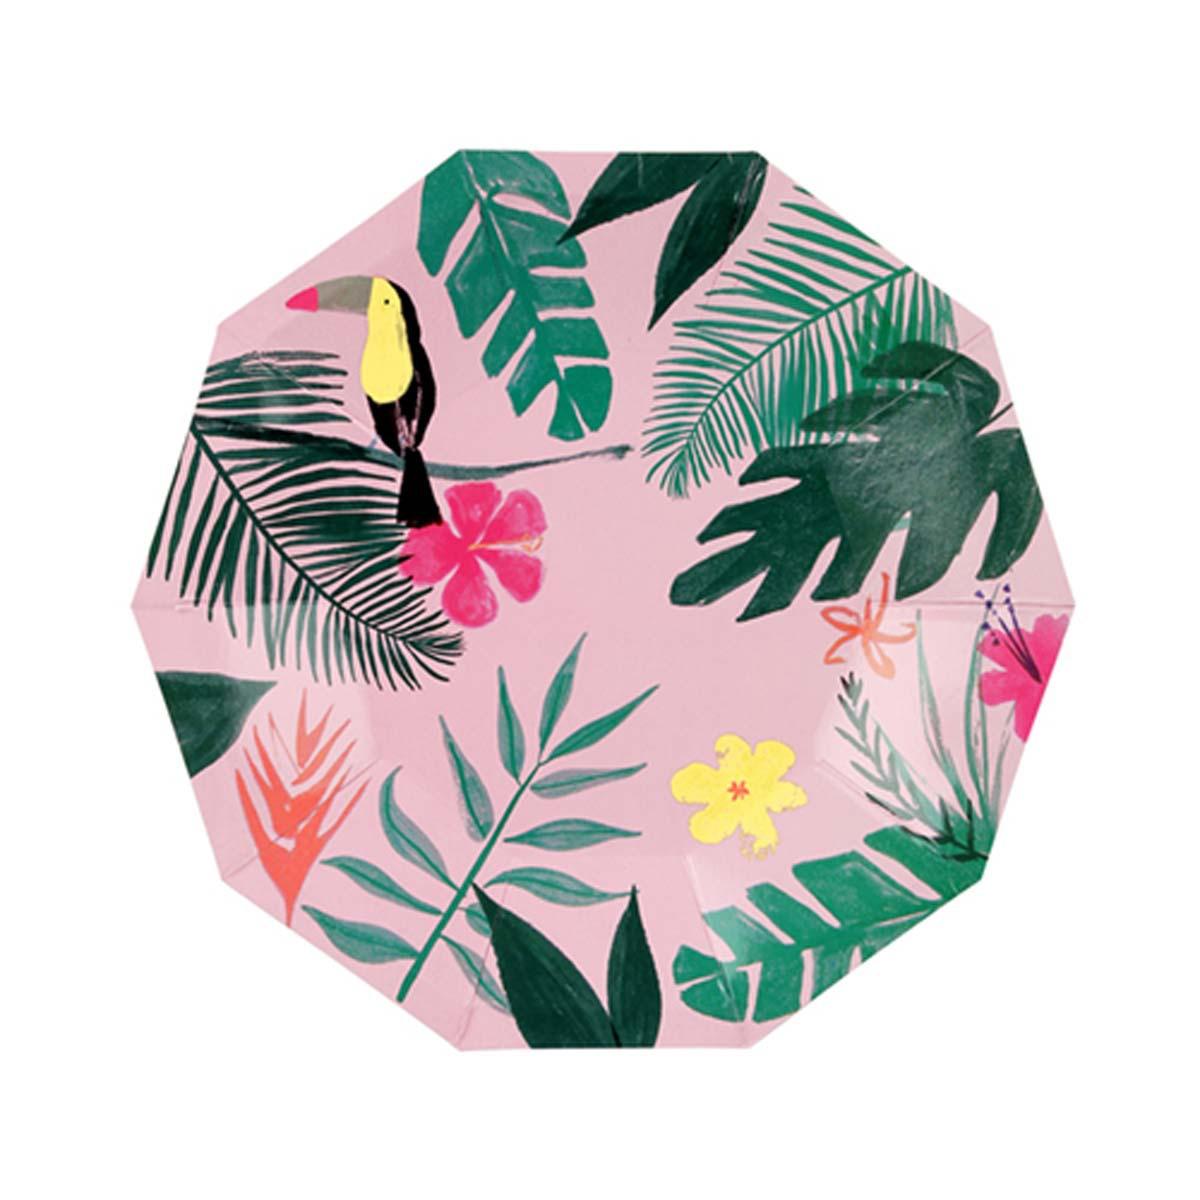 Anniversaire & Fête Petites Assiettes Tropicales - Rose Petites Assiettes Tropicales - Rose